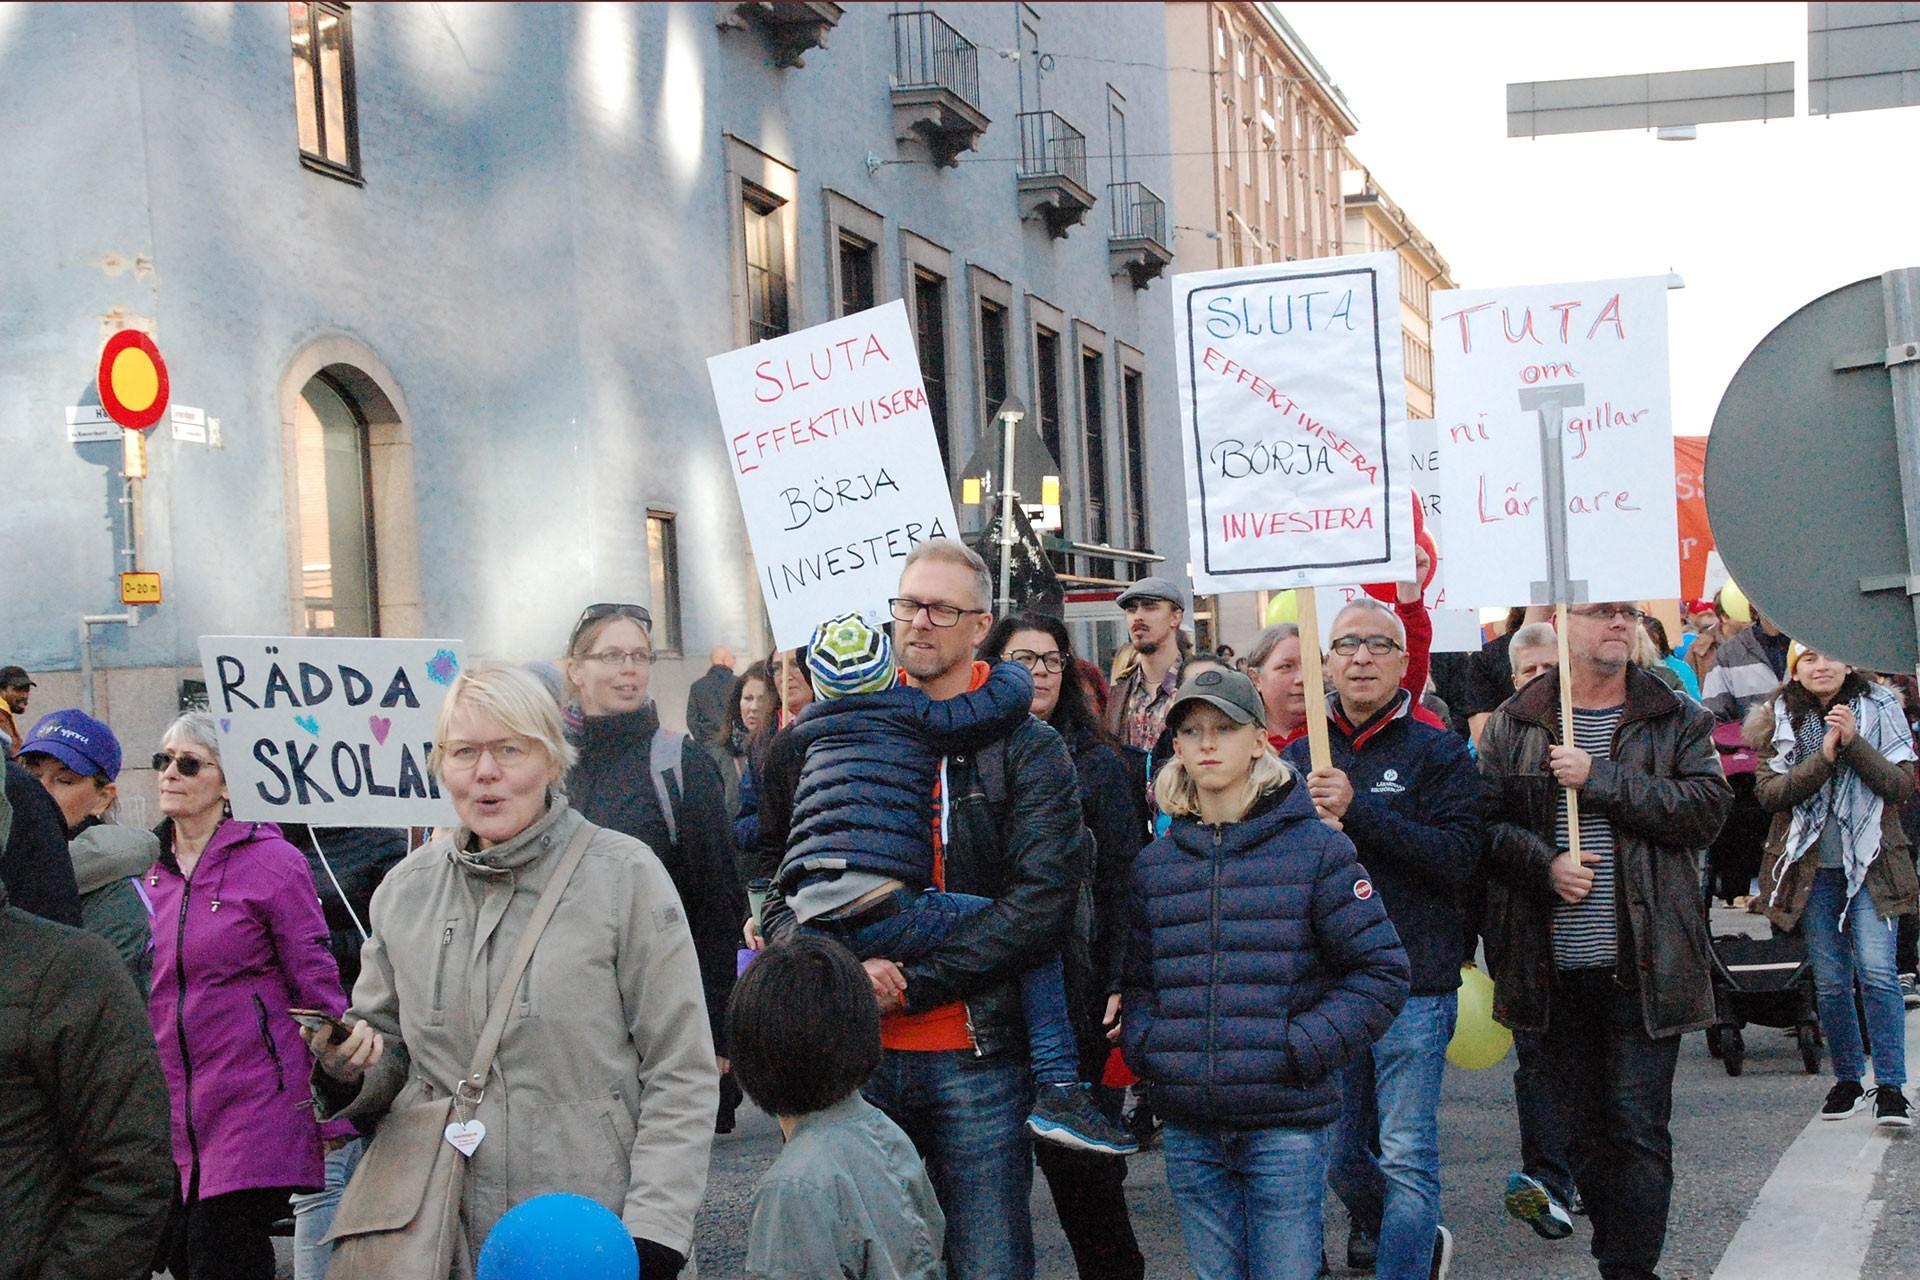 İsveç'te eğitimde kısıntıya gidilmesi kararı 12 kentte protesto edildi